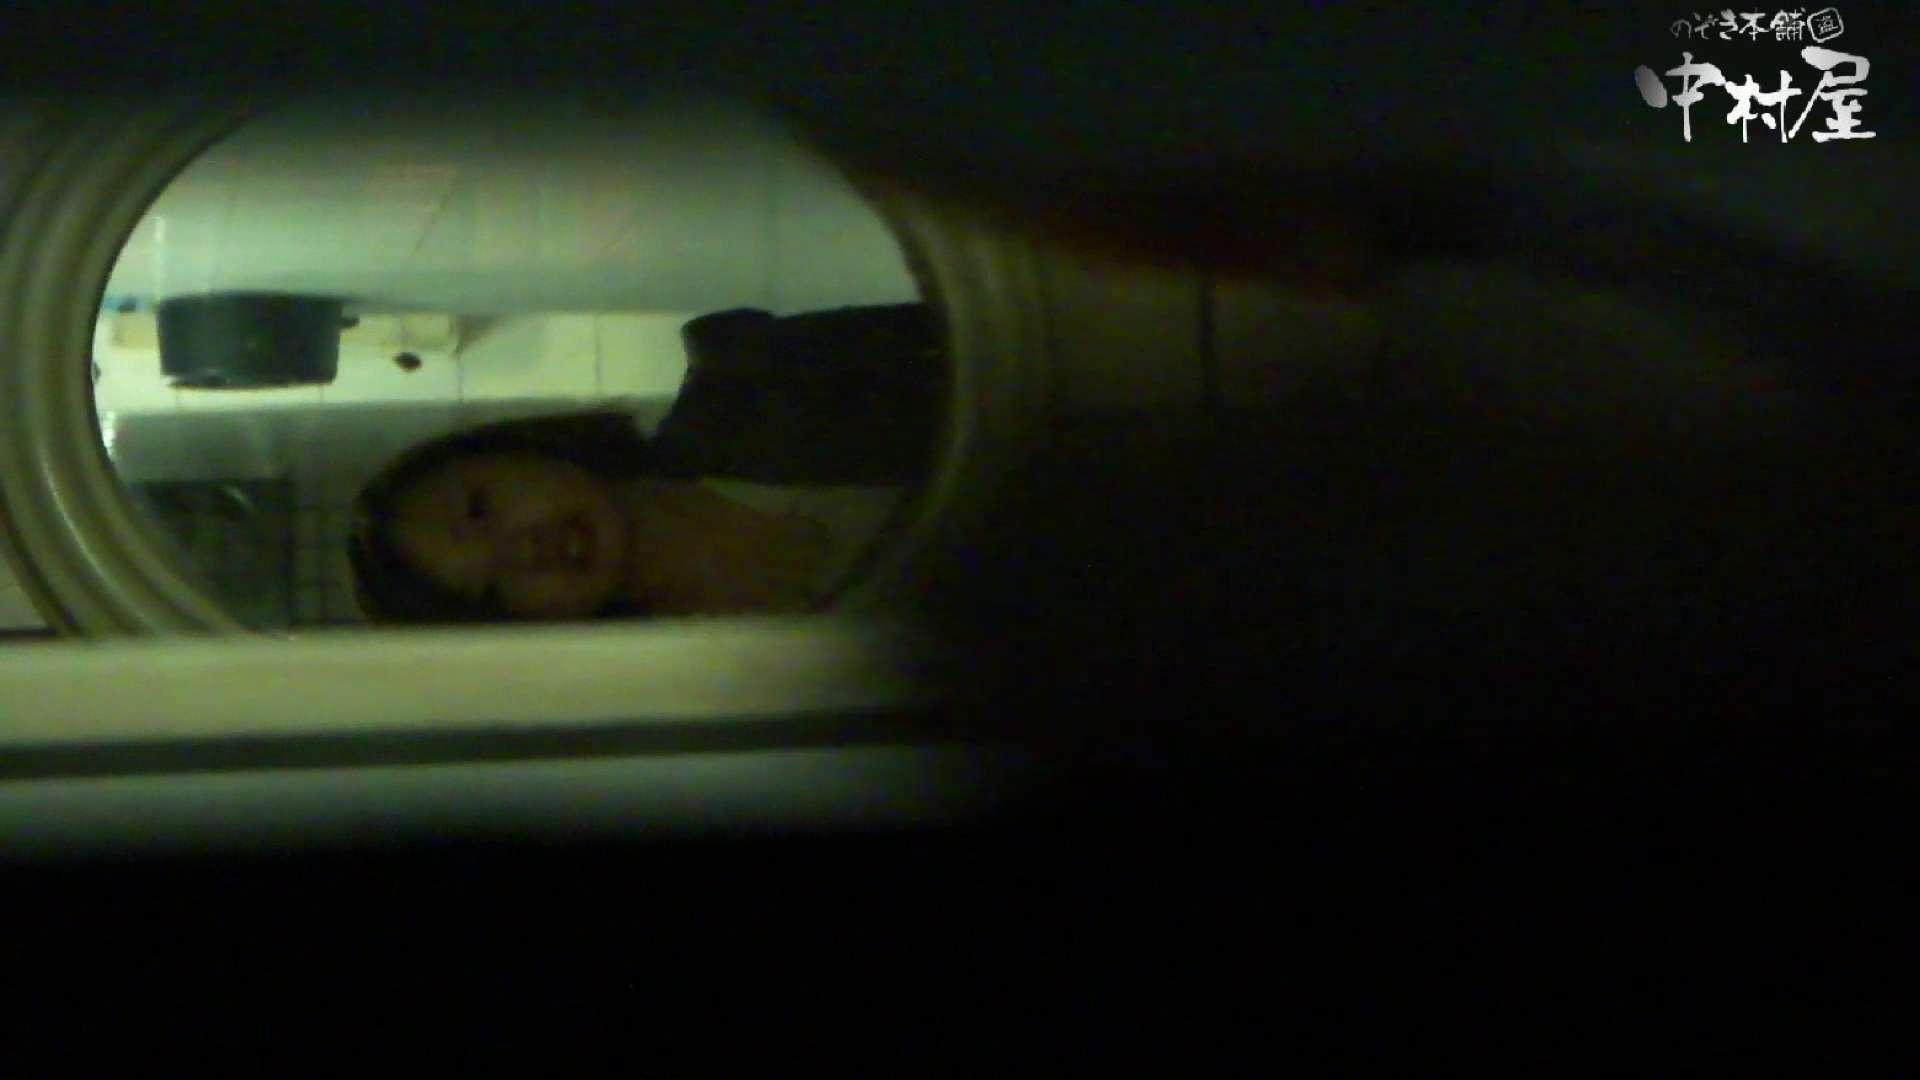 【美人が集まるファッションショッピングセンター洗面所盗SATU】ギャルのツルピカ潜入盗satu!Vol.09 OLのエロ生活 エロ画像 81連発 17